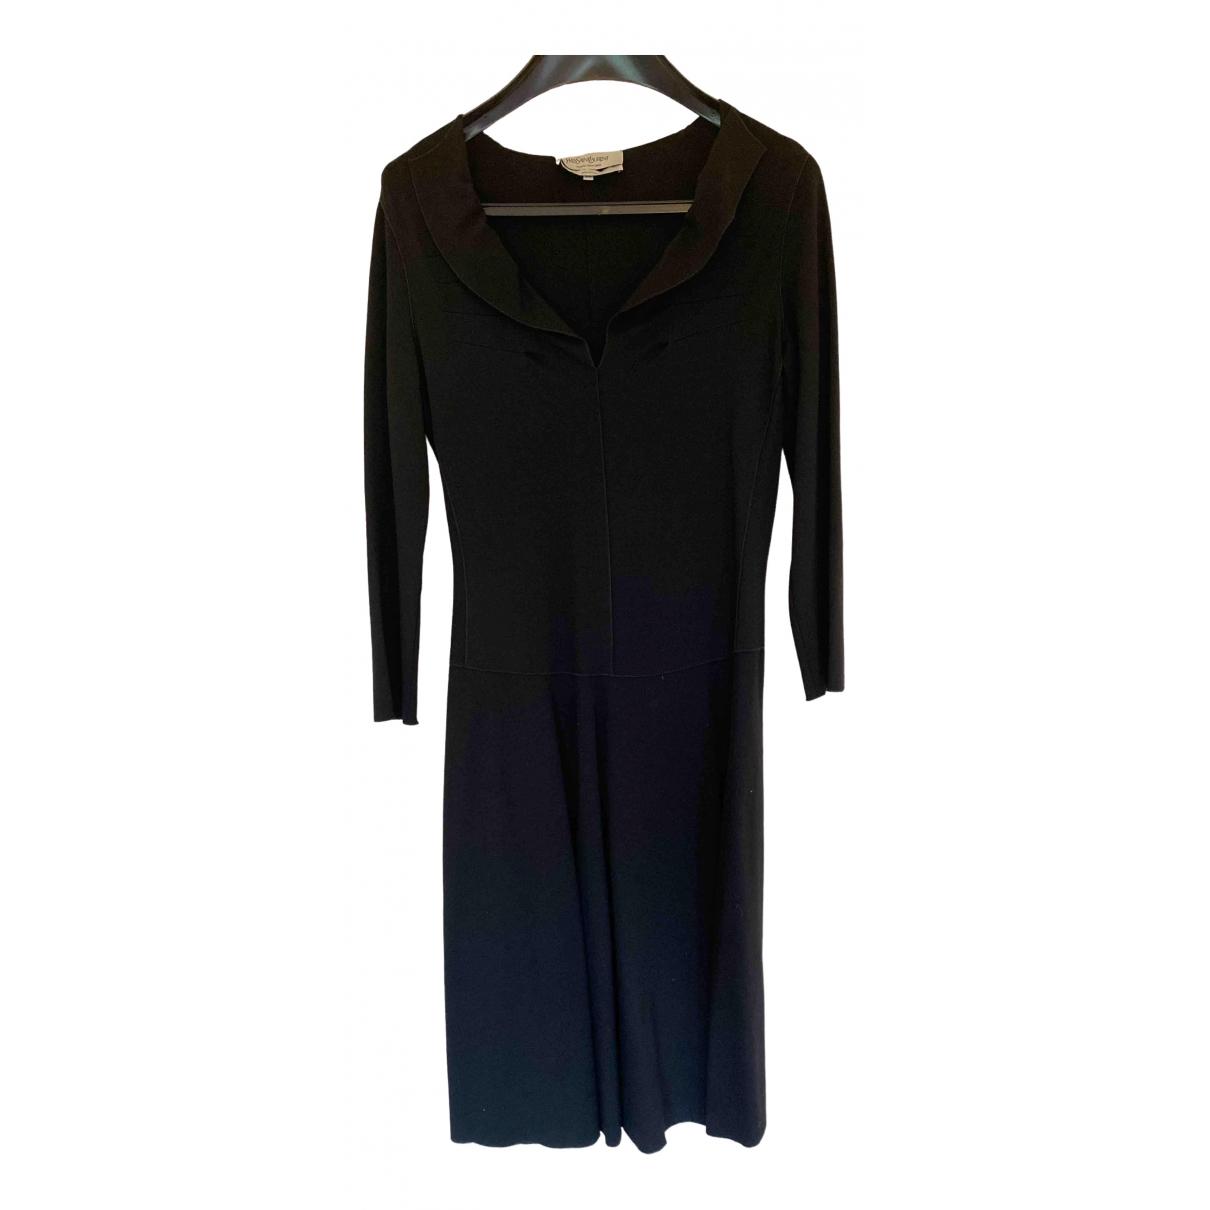 Yves Saint Laurent \N Kleid in  Schwarz Viskose